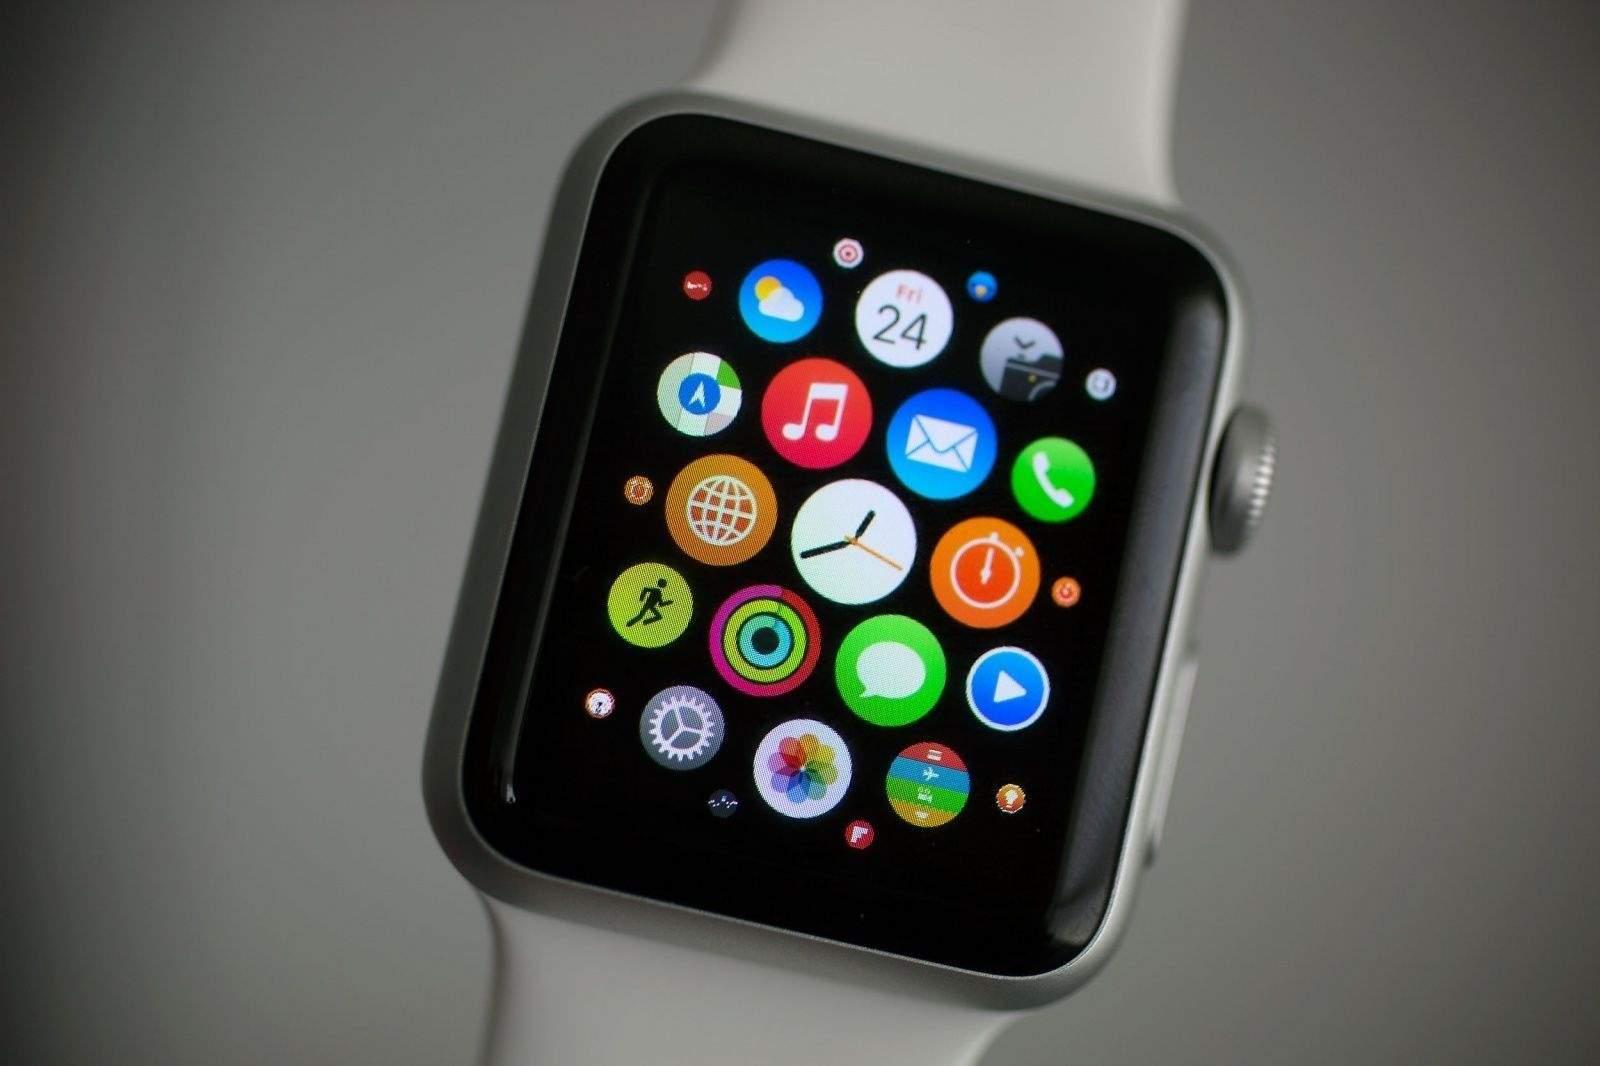 Imagem de Analista acredita que Apple Watch 2 será mais fino e revelado no WWDC 2016 no tecmundo